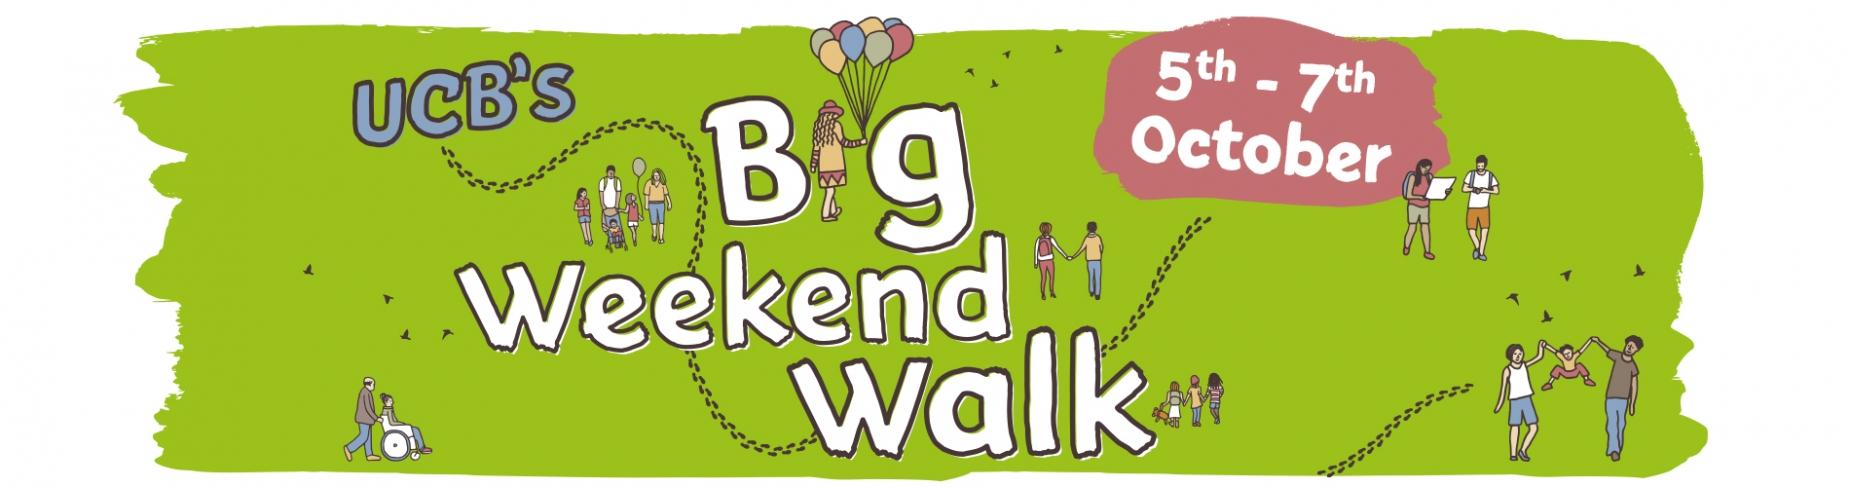 UCB's Big Weekend Walk